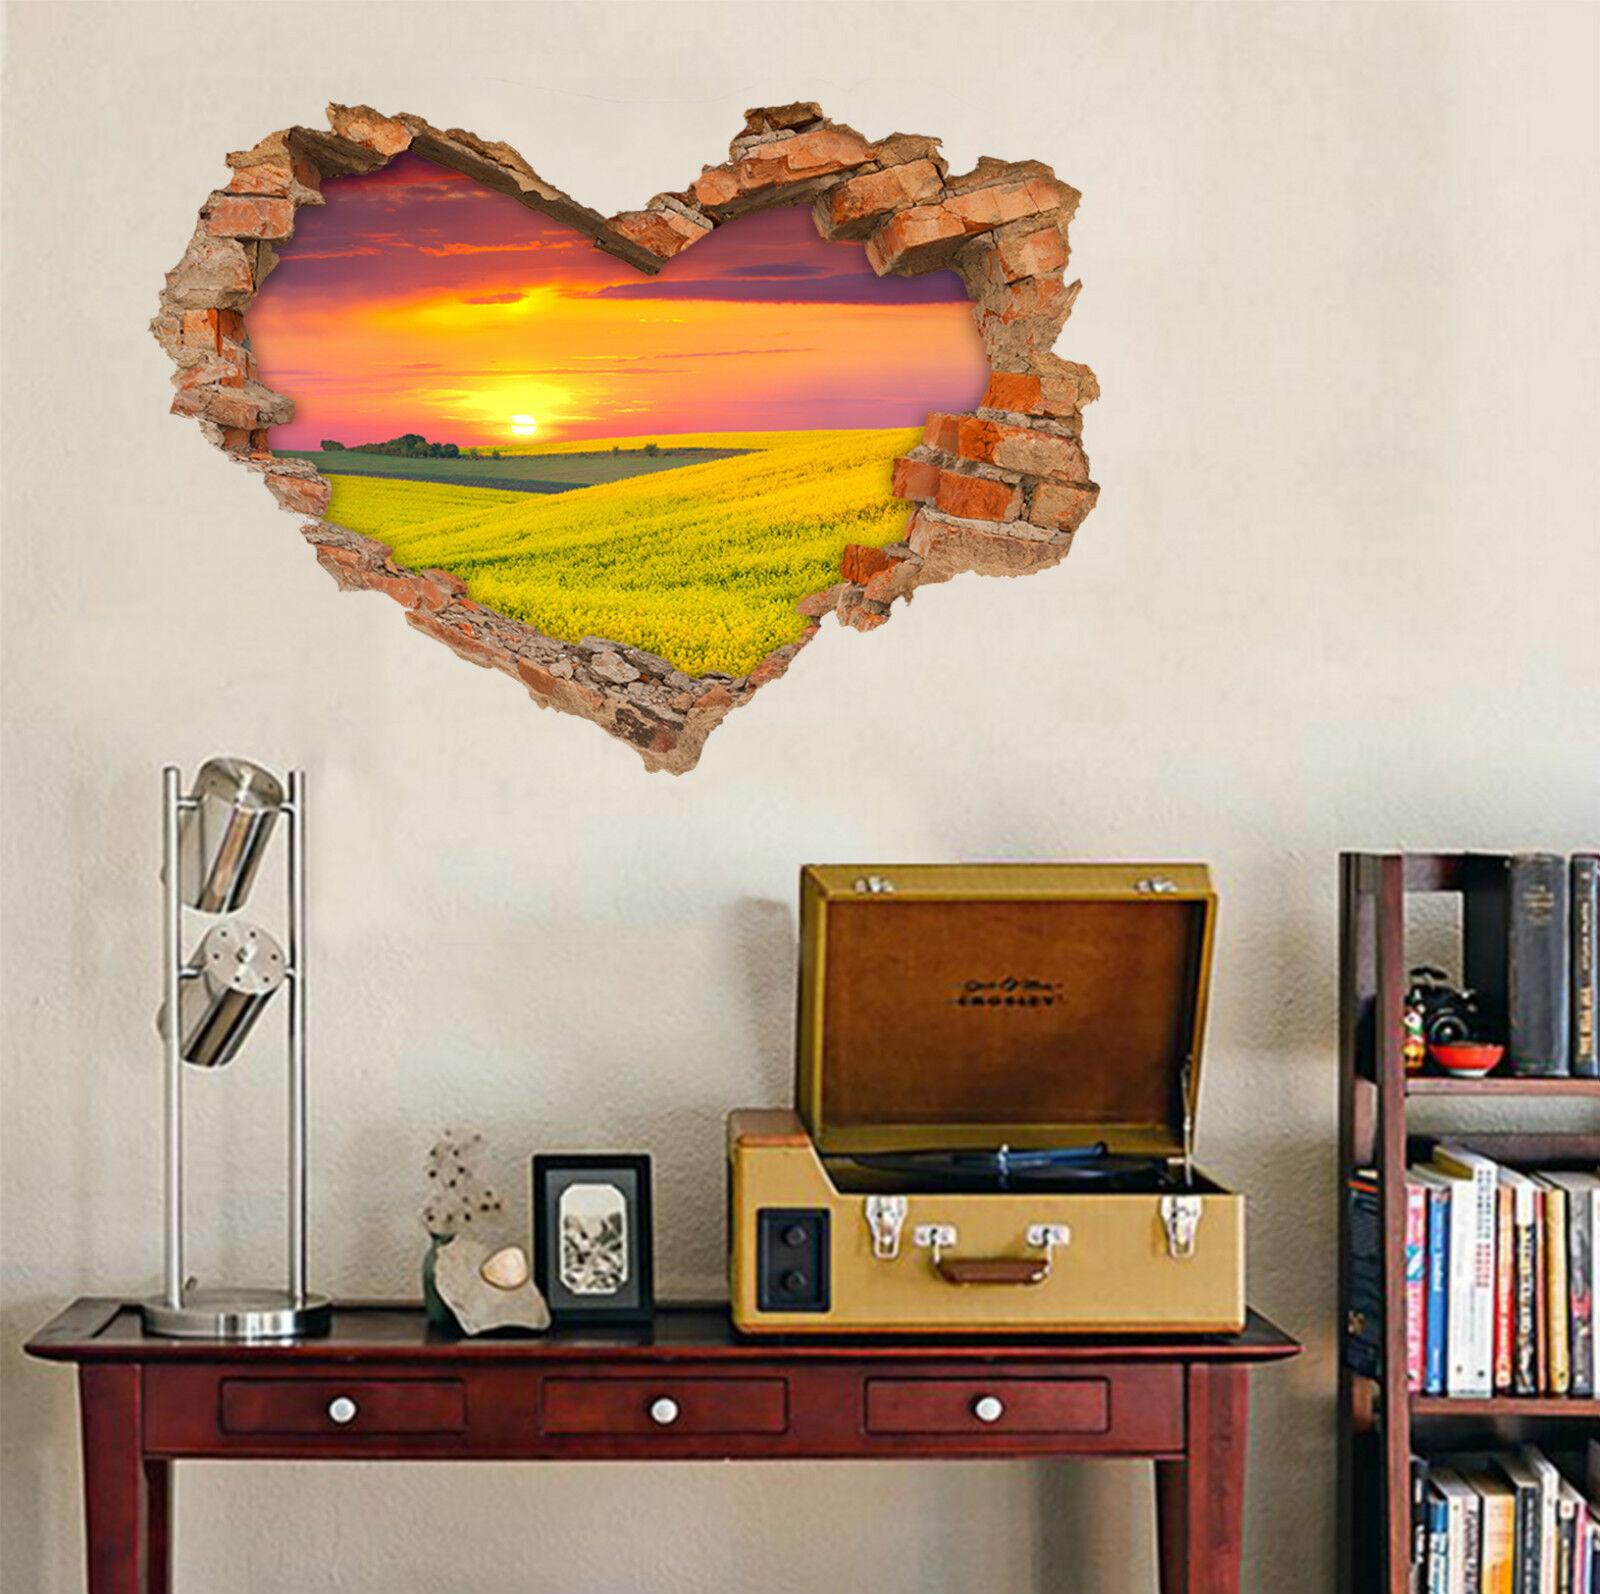 3D Sunrise Felder 6 Mauer Murals Aufklebe Decal Durchbruch AJ WALLPAPER DE Lemon